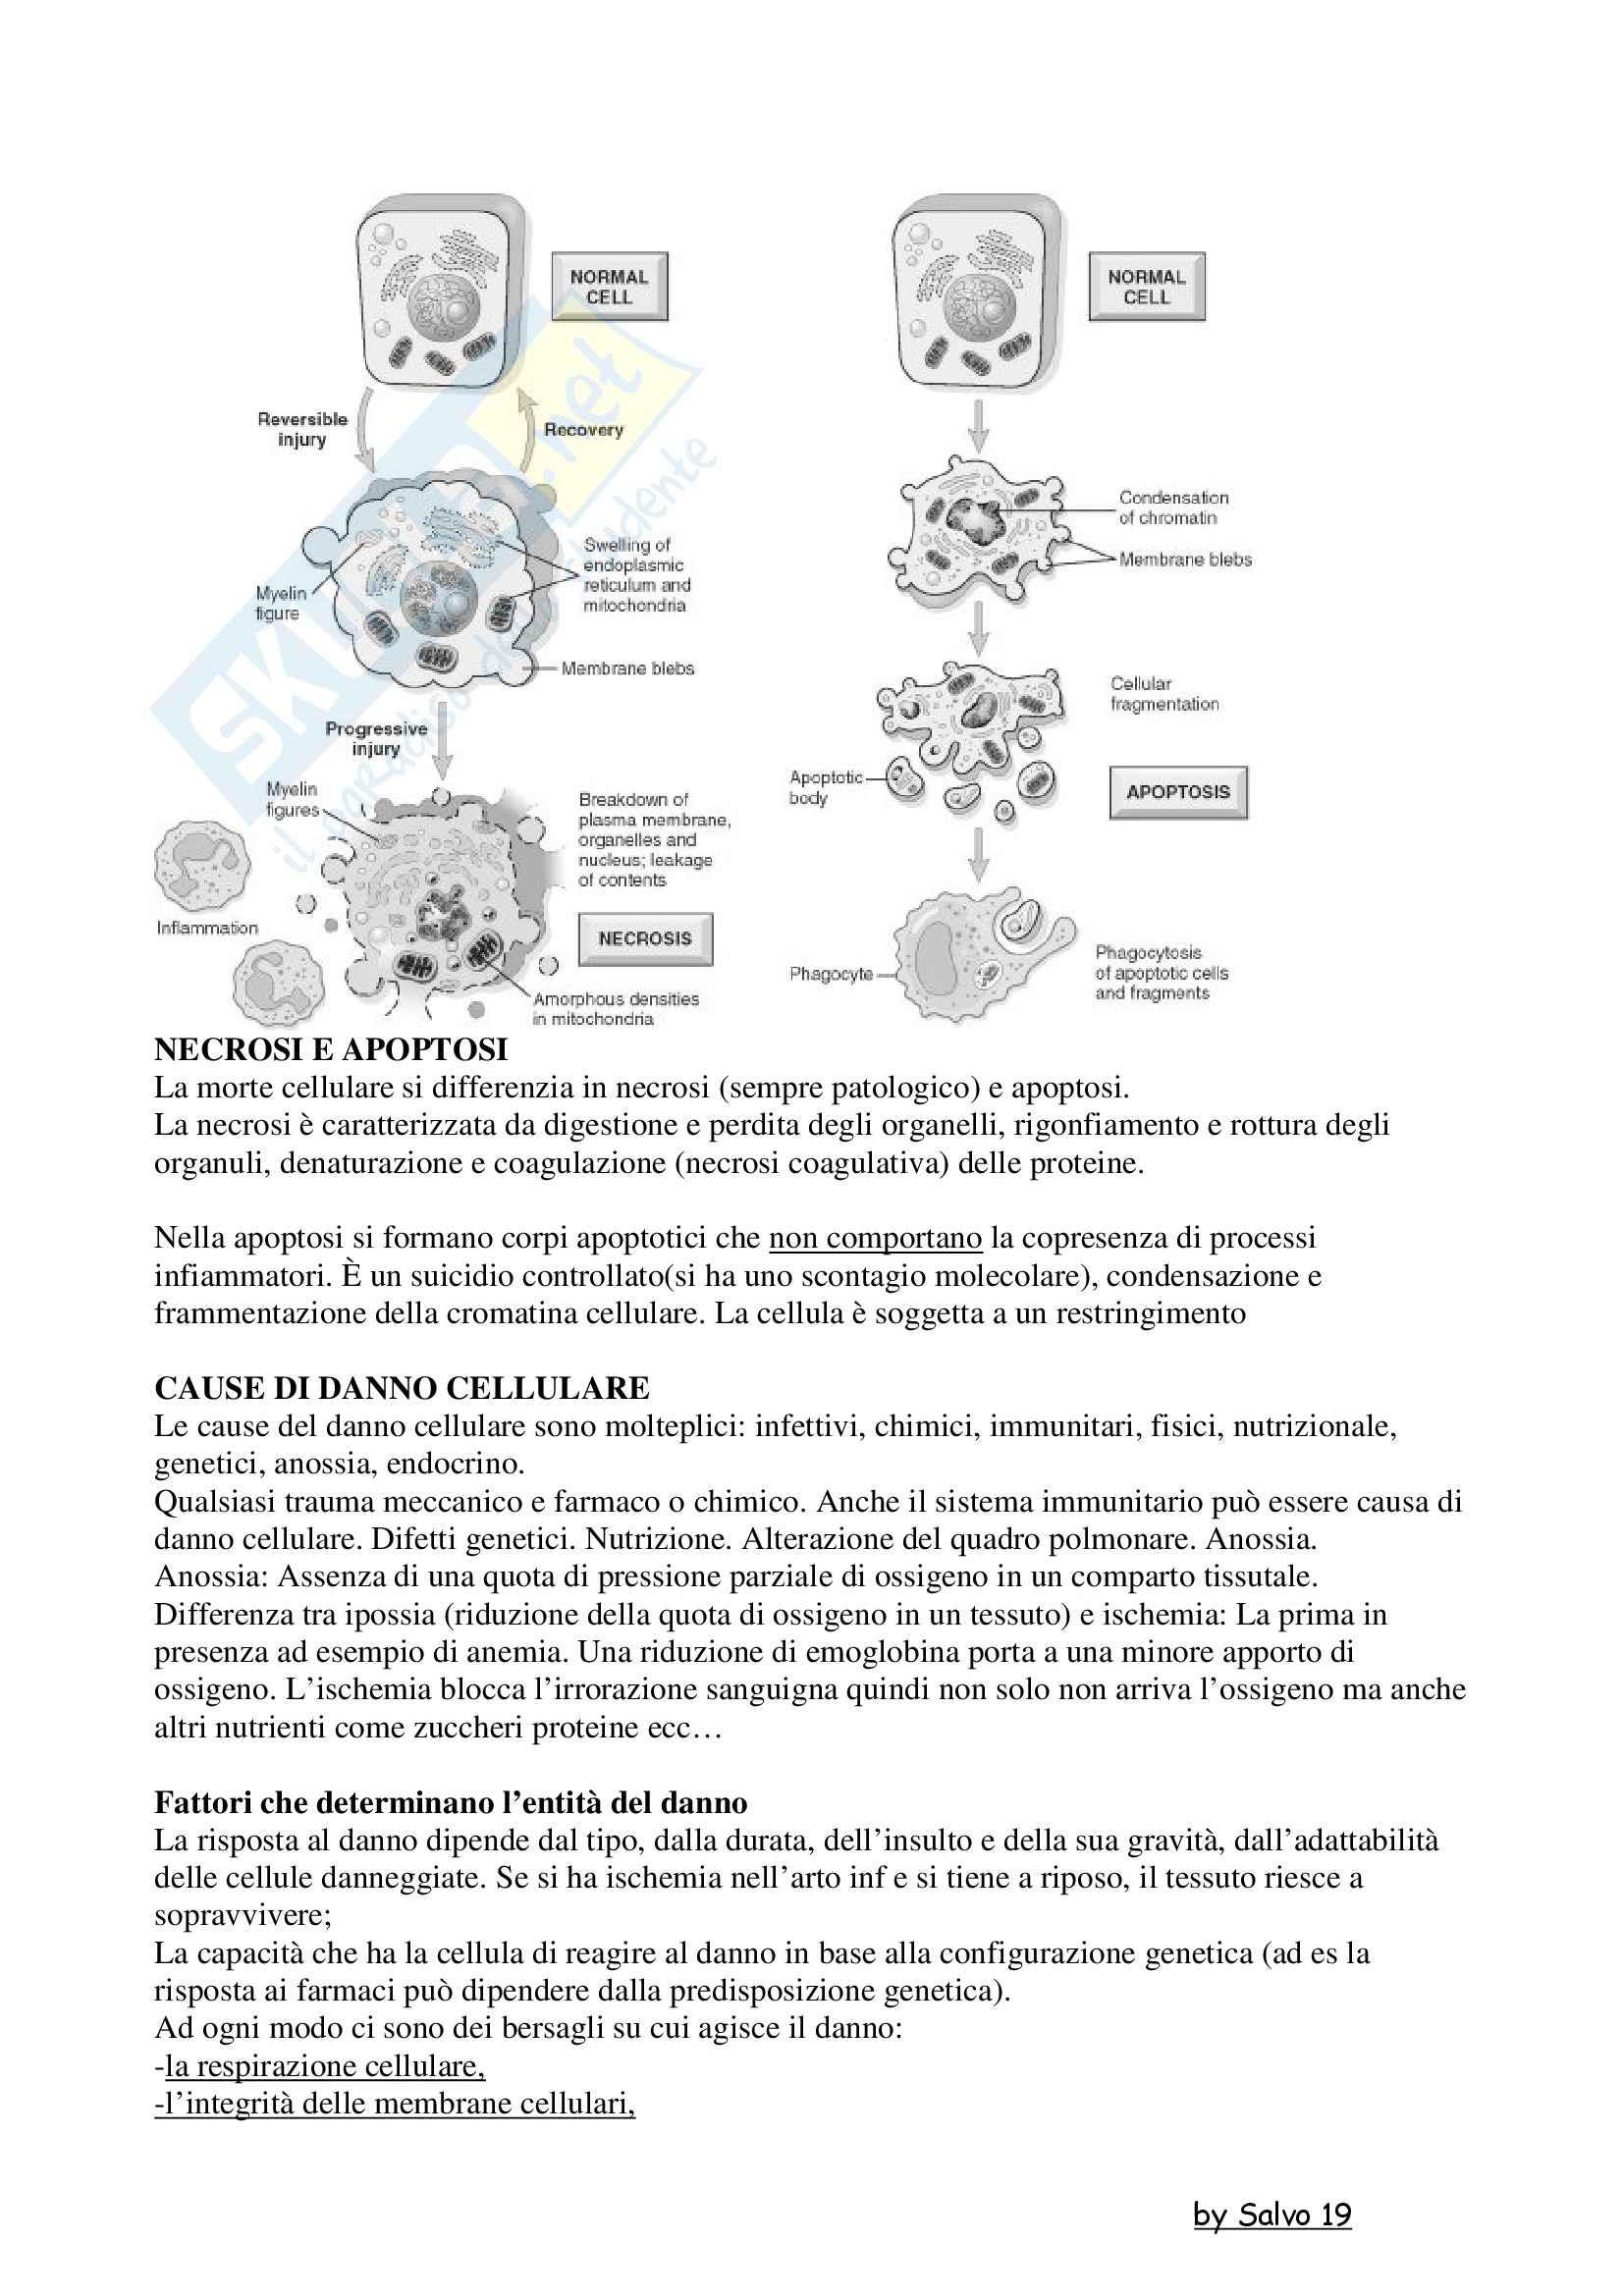 Patologia generale - la morte cellulare